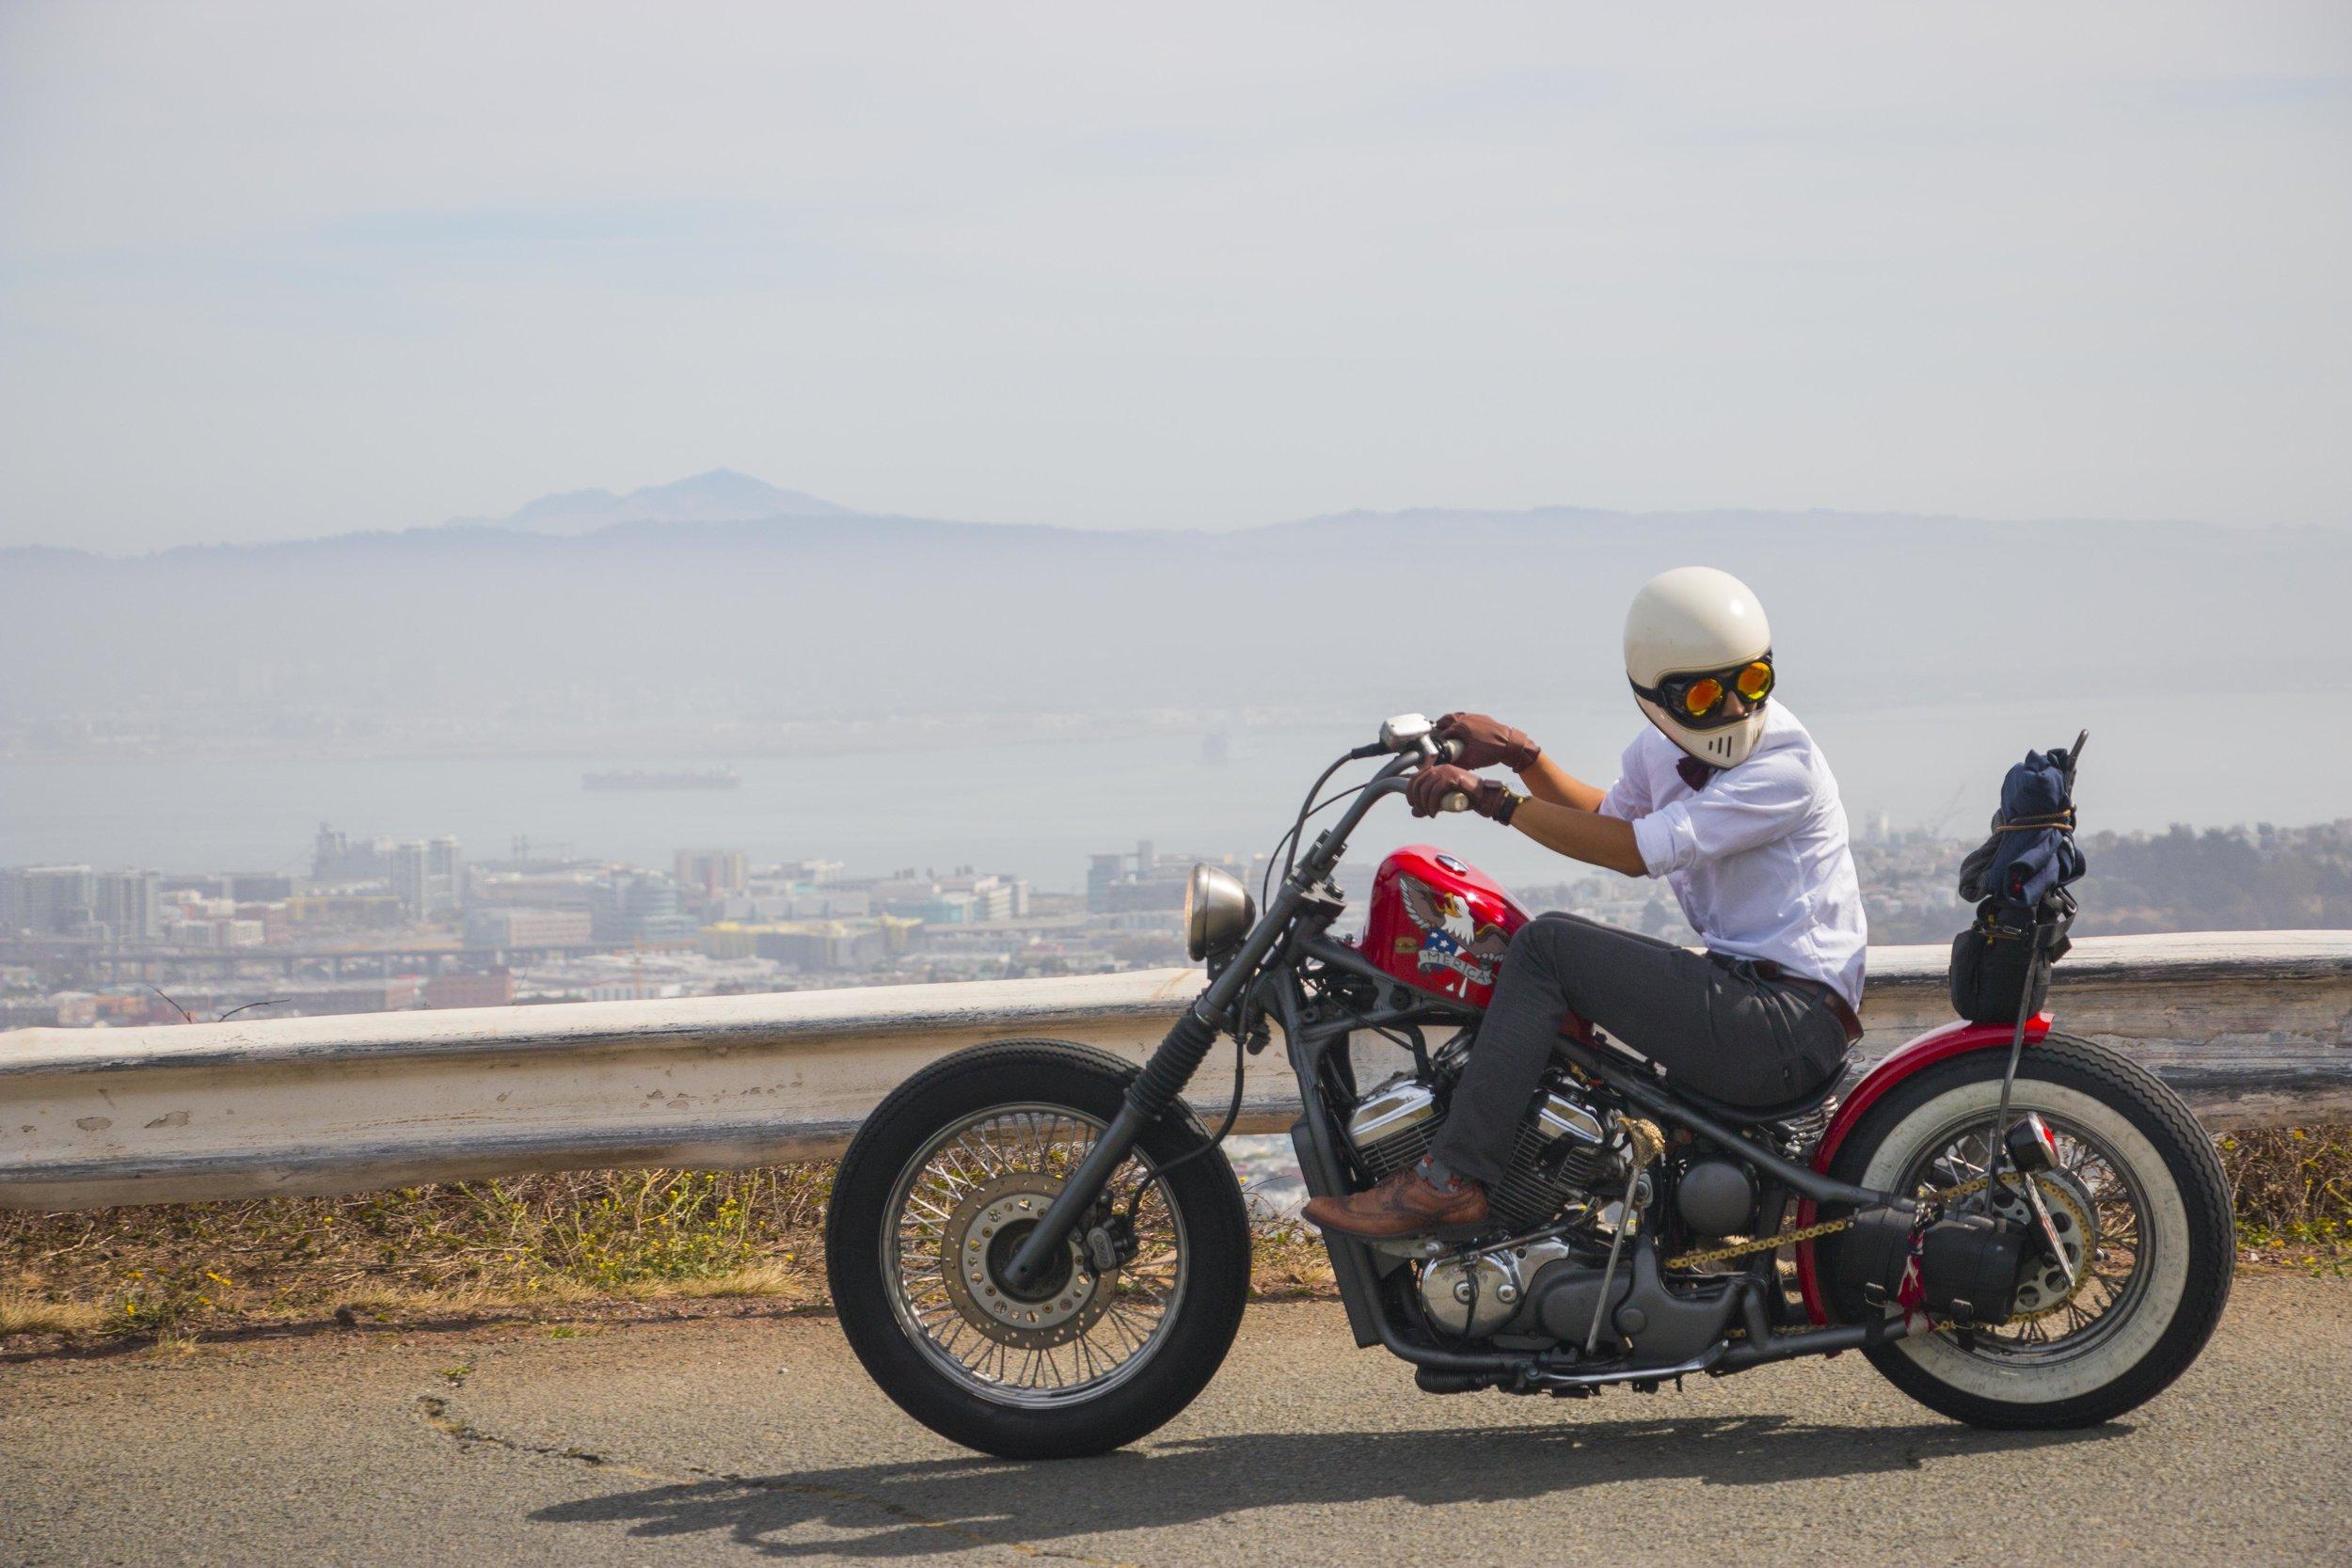 DGR2015_San_Francisco_Laif_Gilbertson .jpg